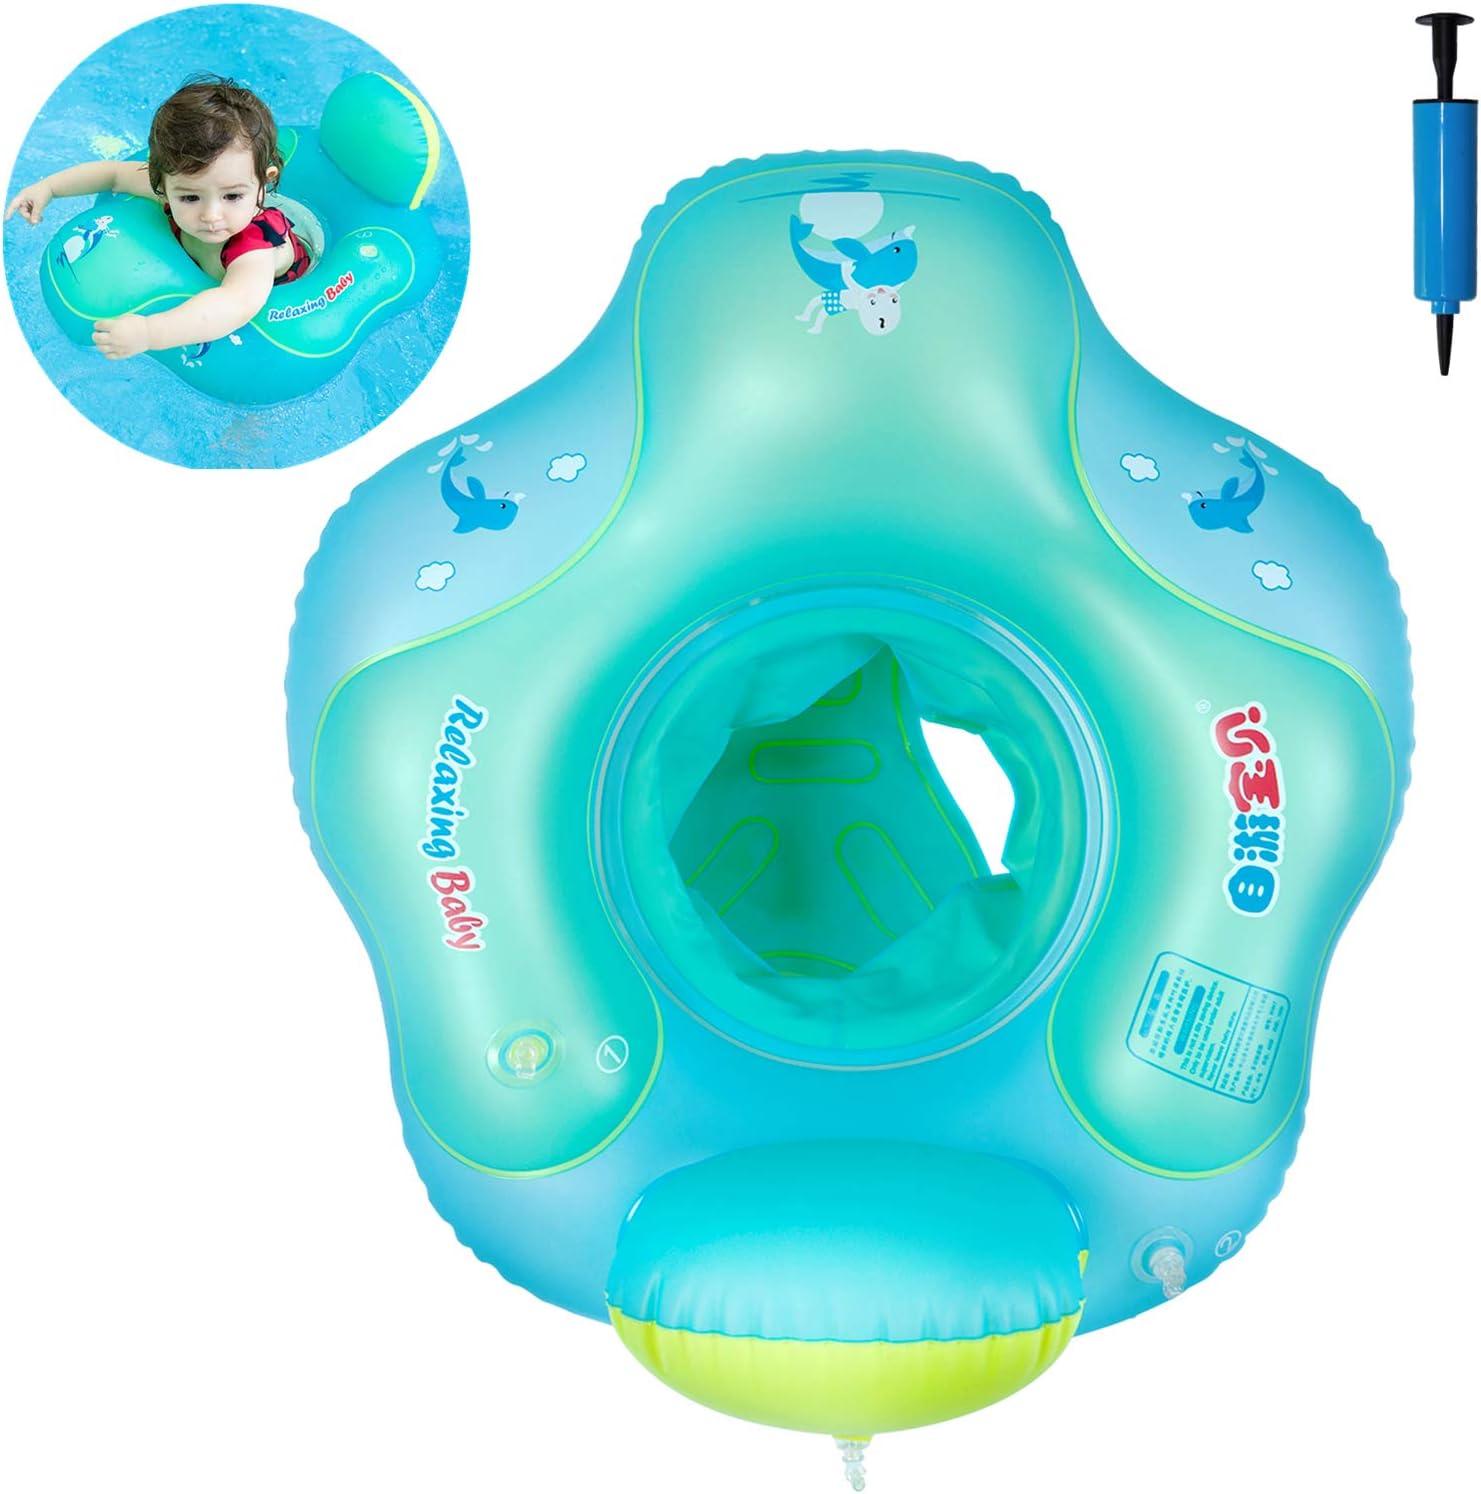 Myir Flotador bebé con Asiento y Respaldo, Anillo de Natación para bebés de Piscina Flotador Inflable para Niños Flotador de Natación Nadar Anillo (Azul, L): Amazon.es: Juguetes y juegos